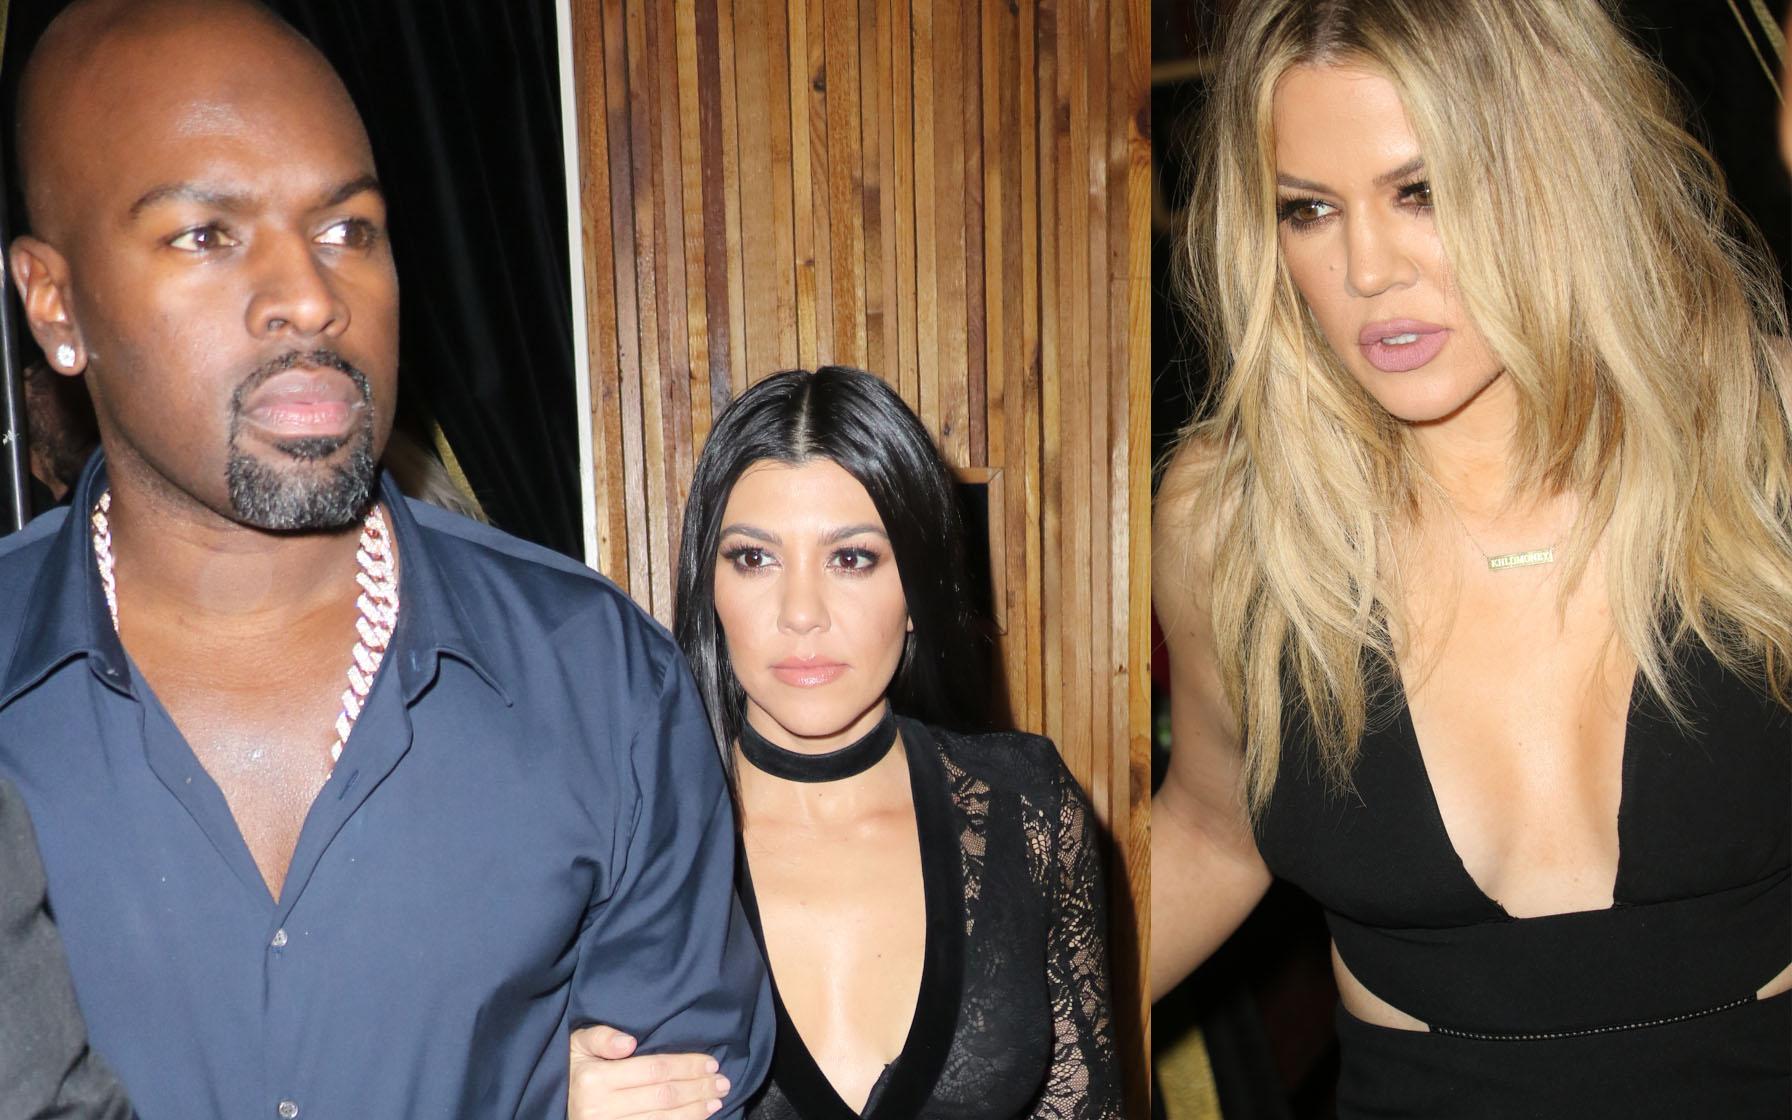 Khloe kardashian kourtney kardashian corey gamble justin bieber party